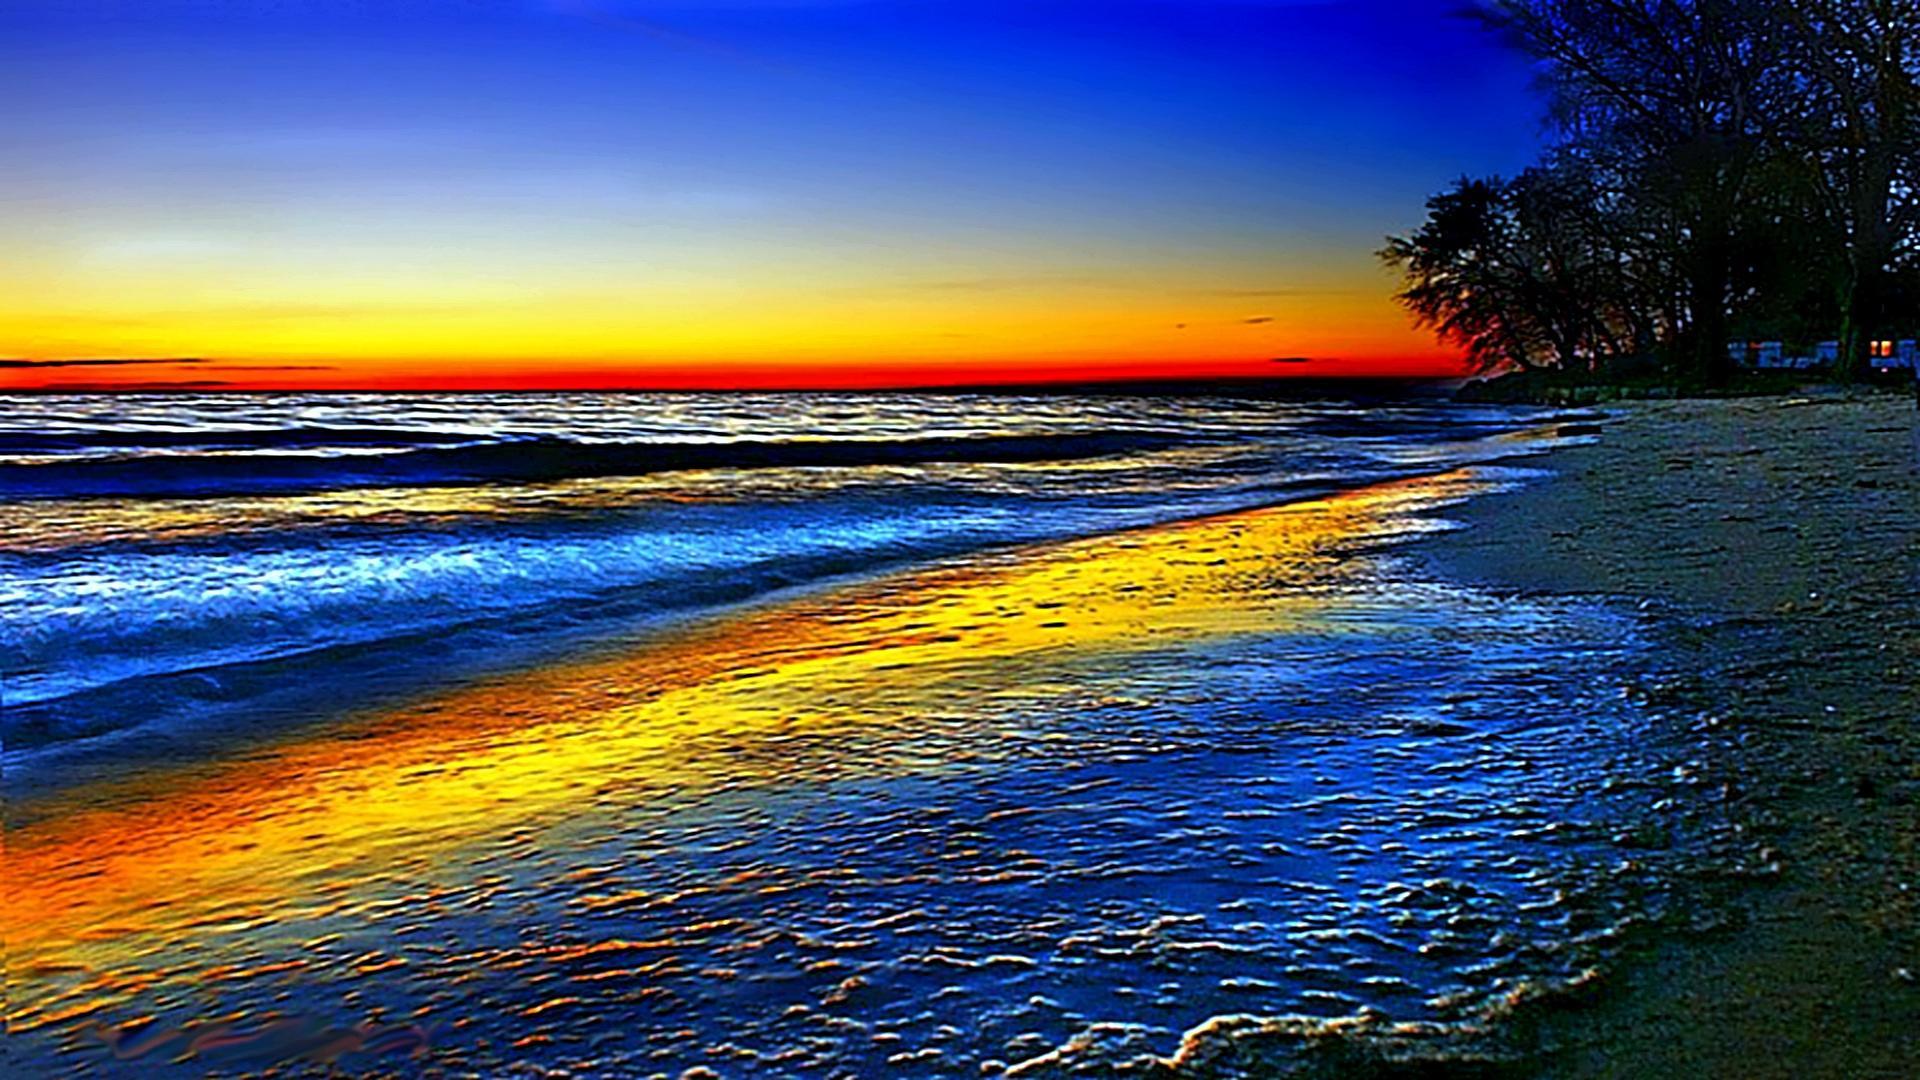 природа волна радуга вода  № 1039508 загрузить